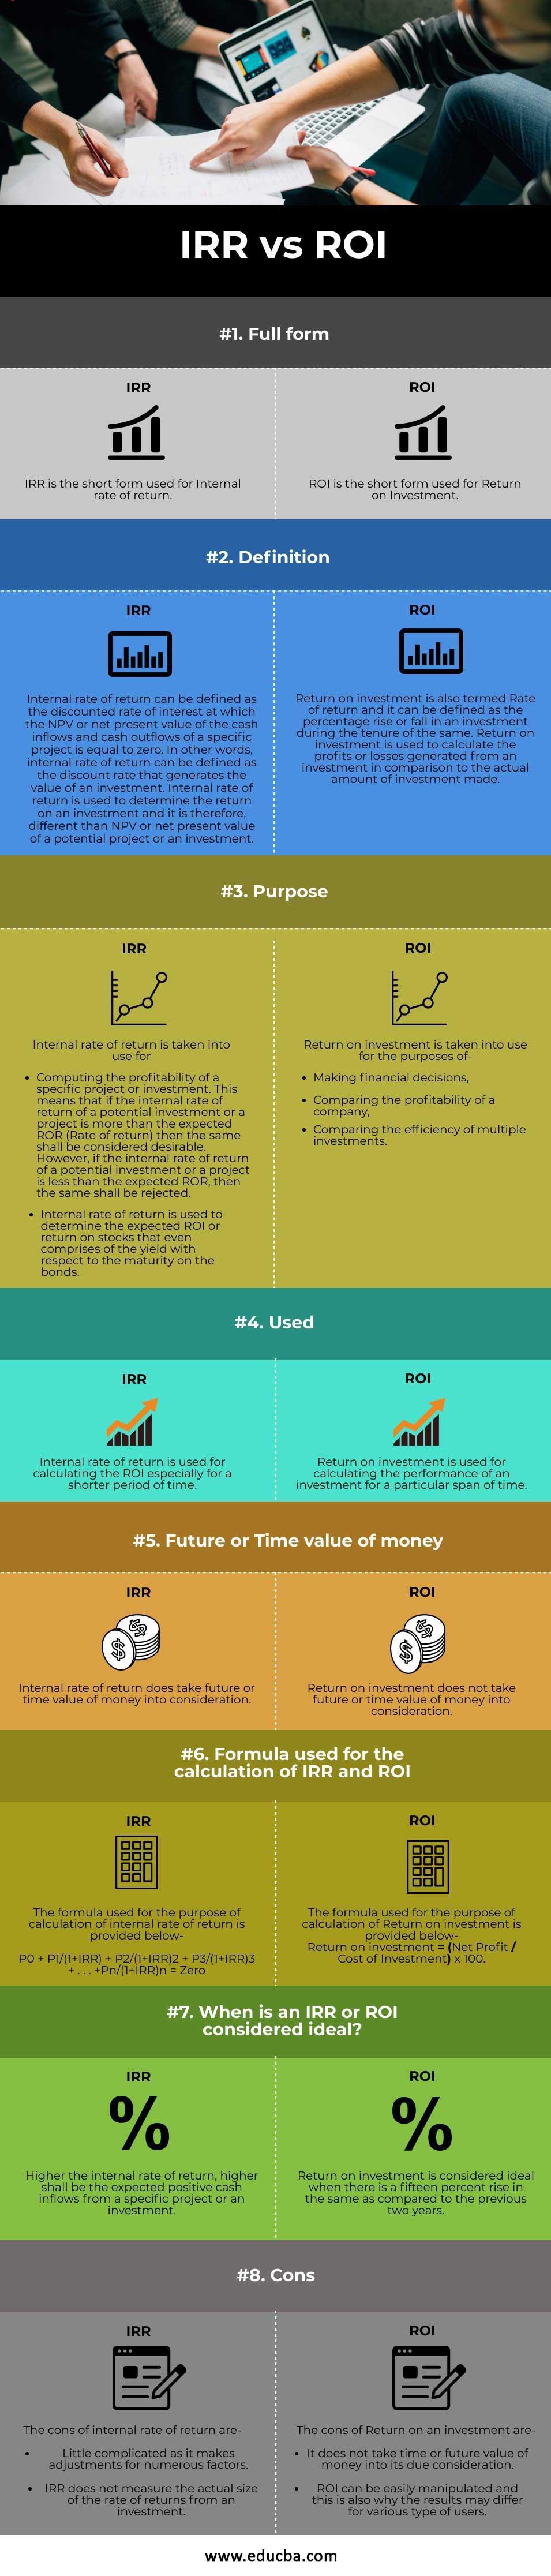 IRR-vs-ROI-info